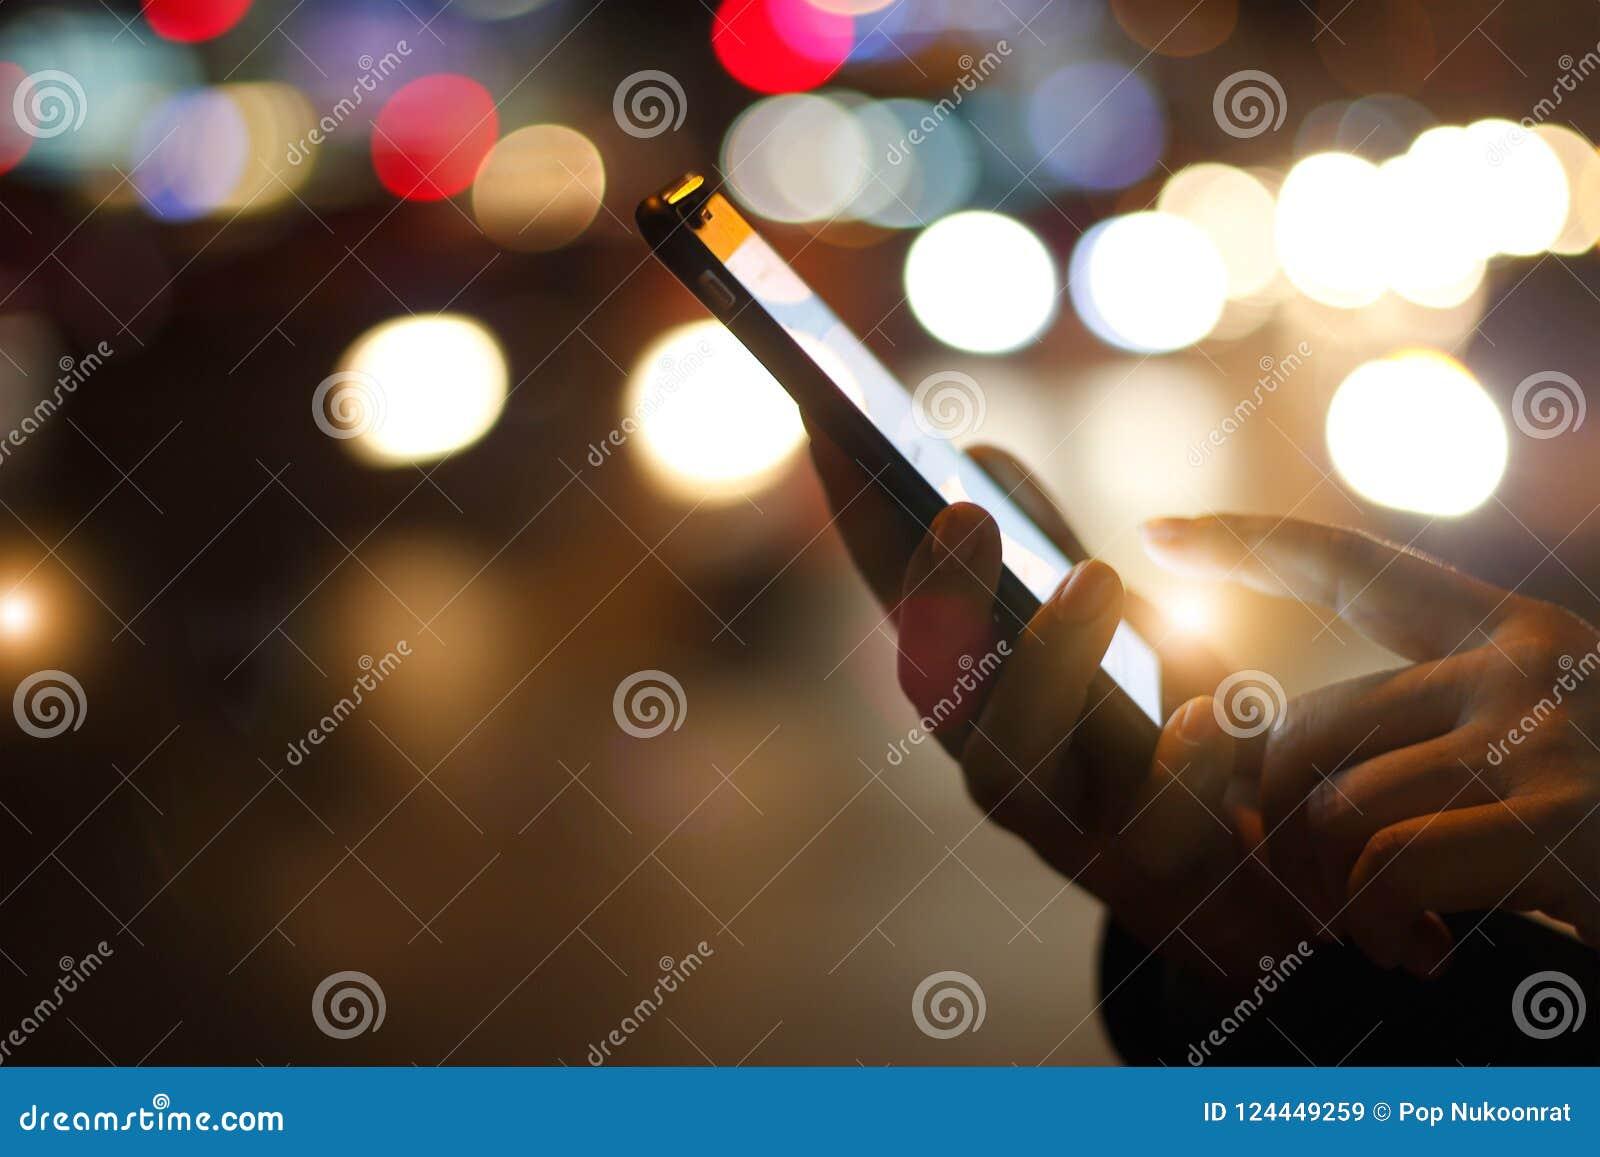 Feche acima das mãos fêmeas usando o smartphone móvel no colo iluminado